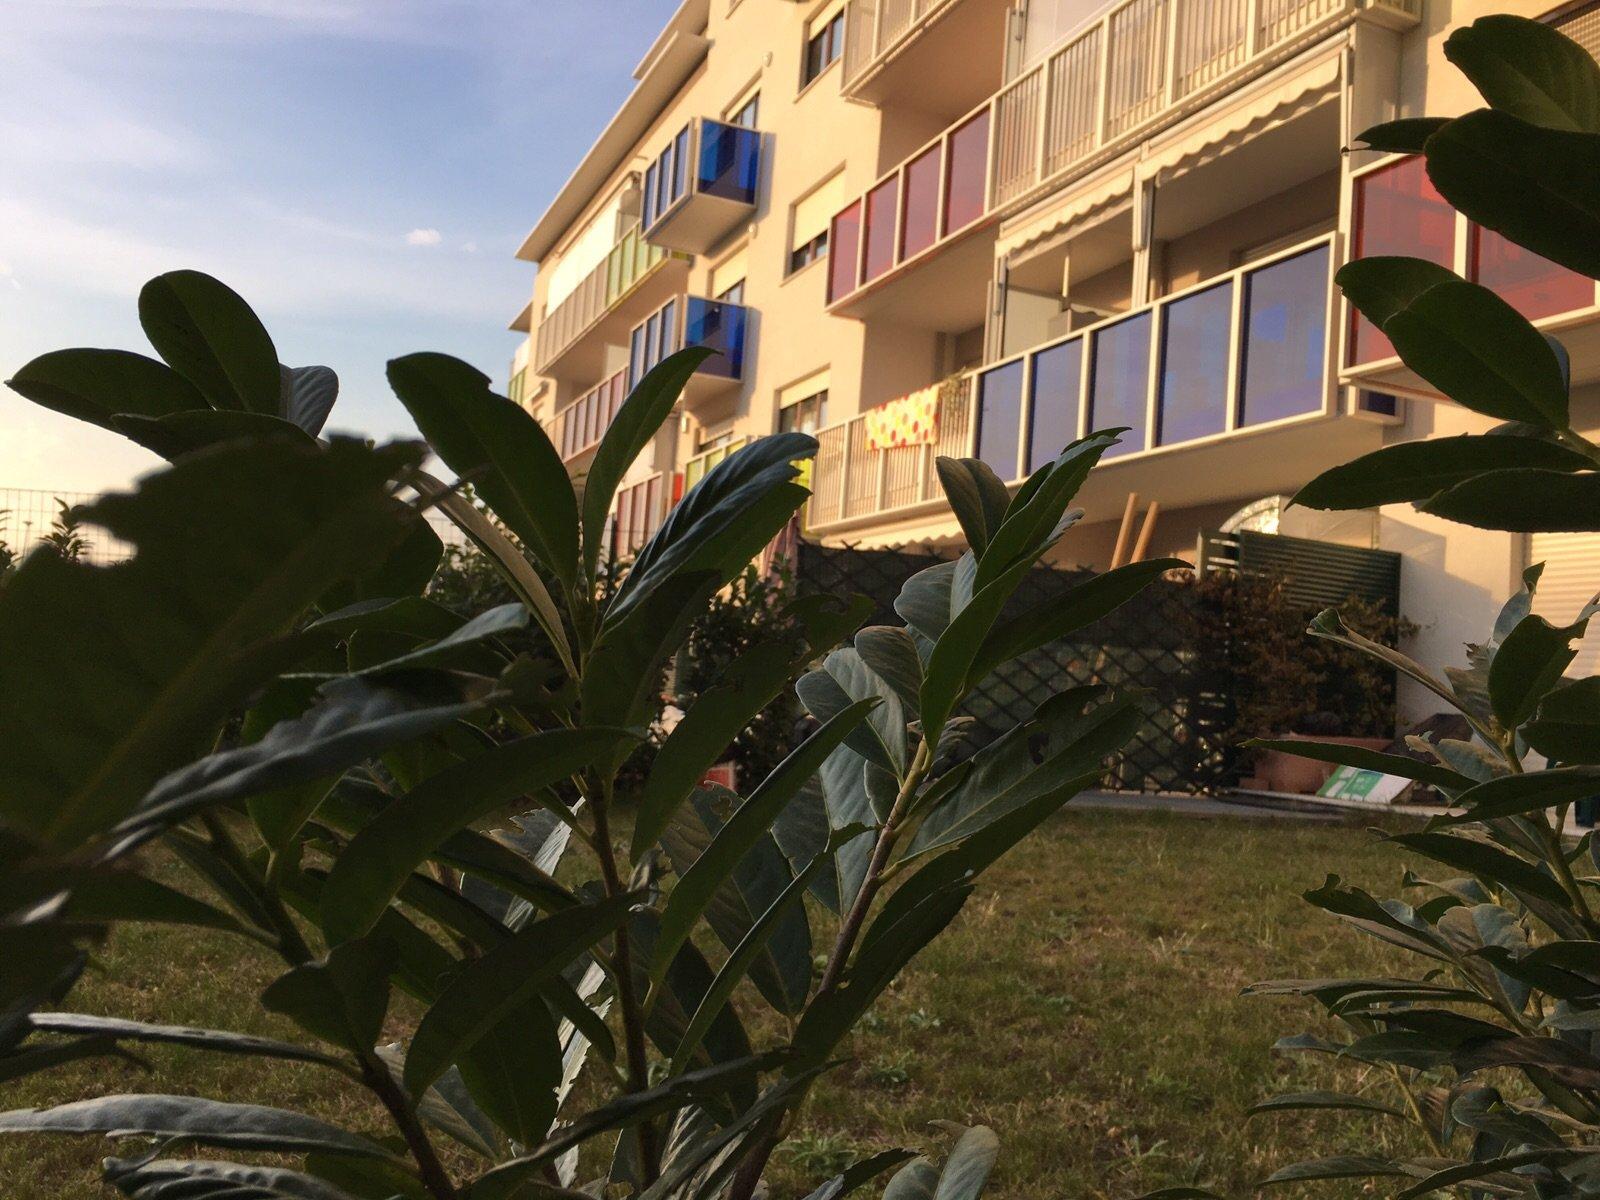 giardini privati - torre lesna - vendita appartamenti grugliasco